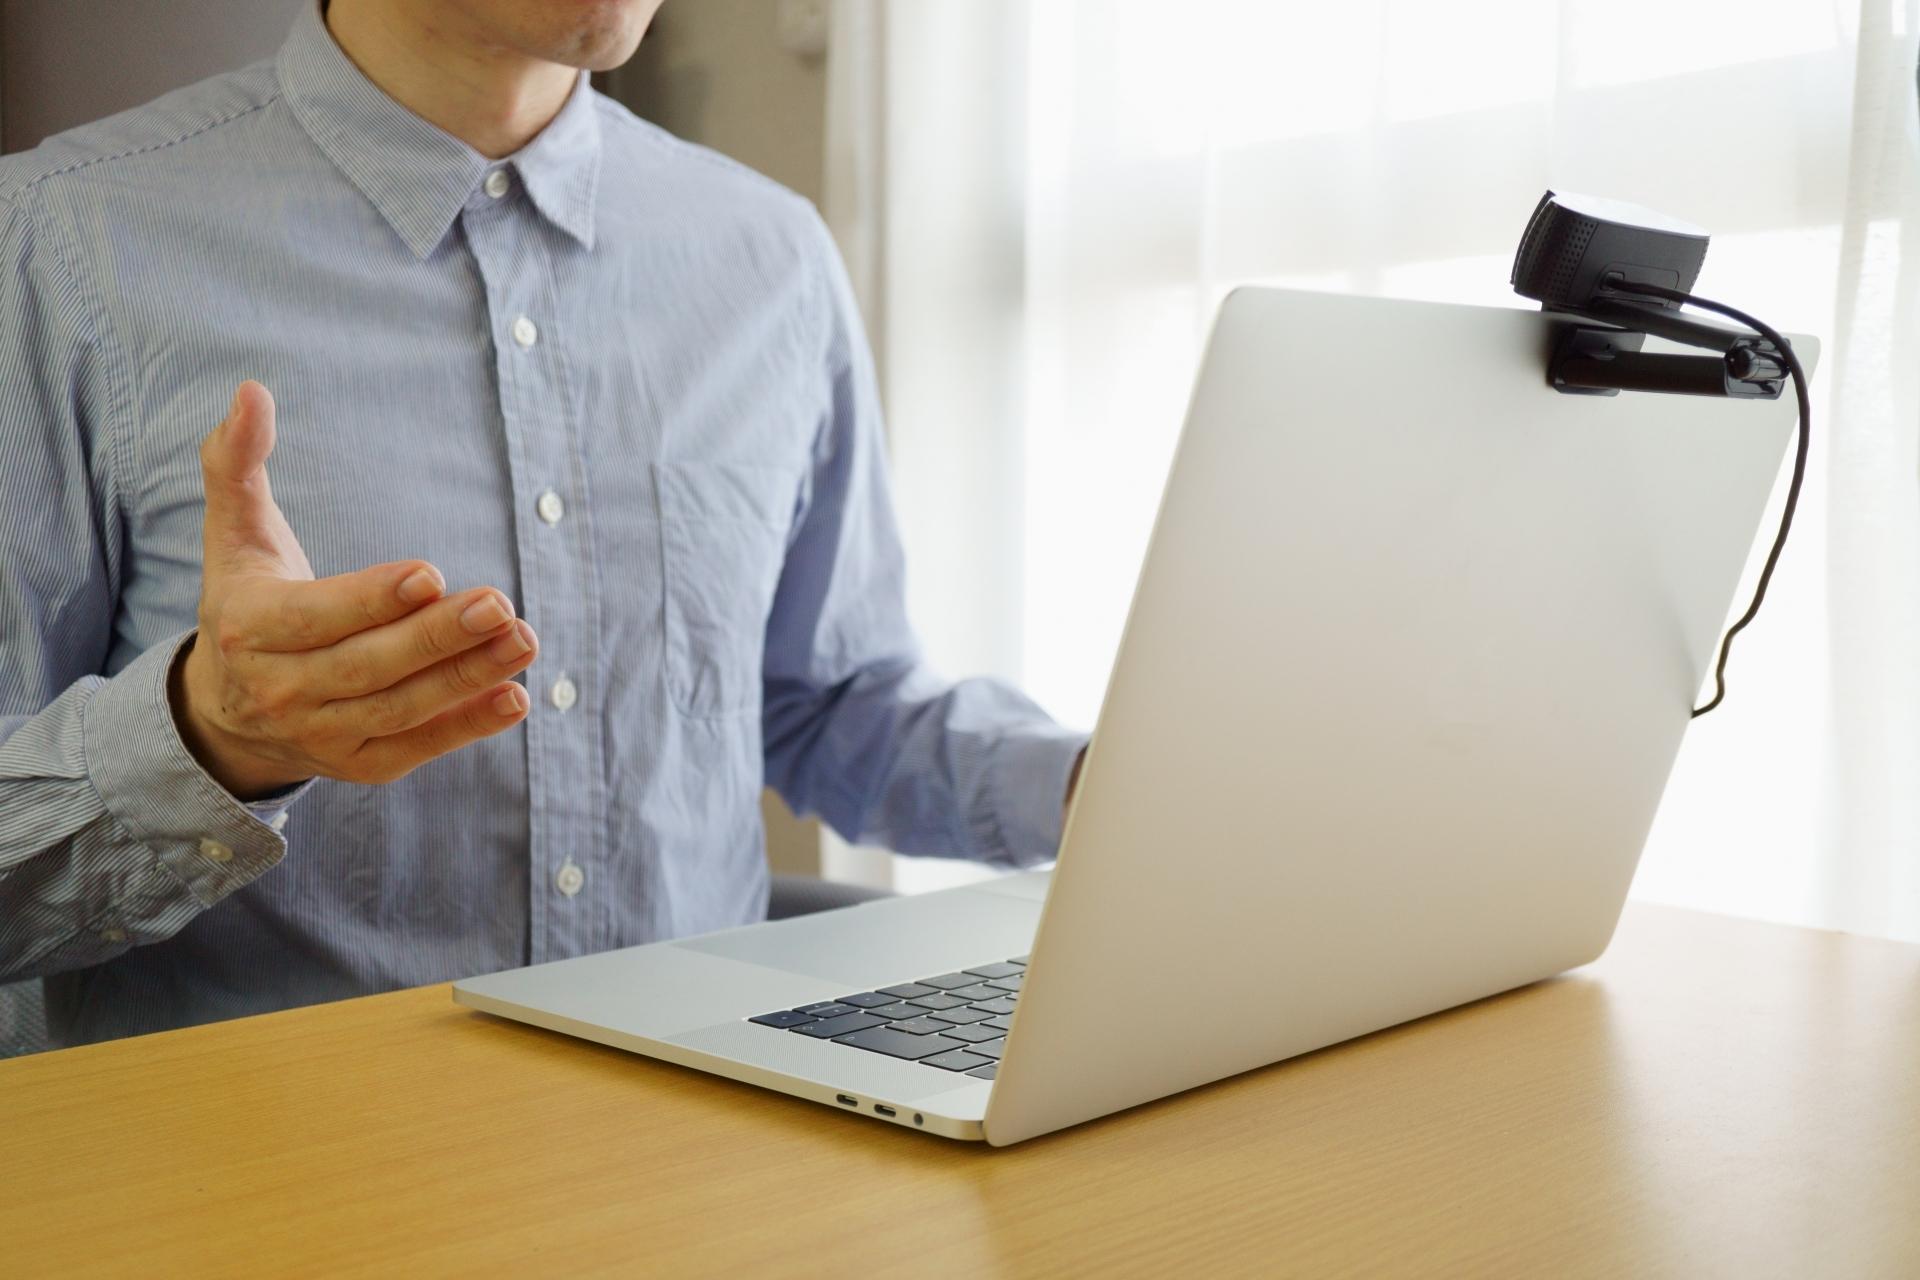 脱オンライン通話初心者!オンライン会議サービスzoomの使い方を分かりやすく解説